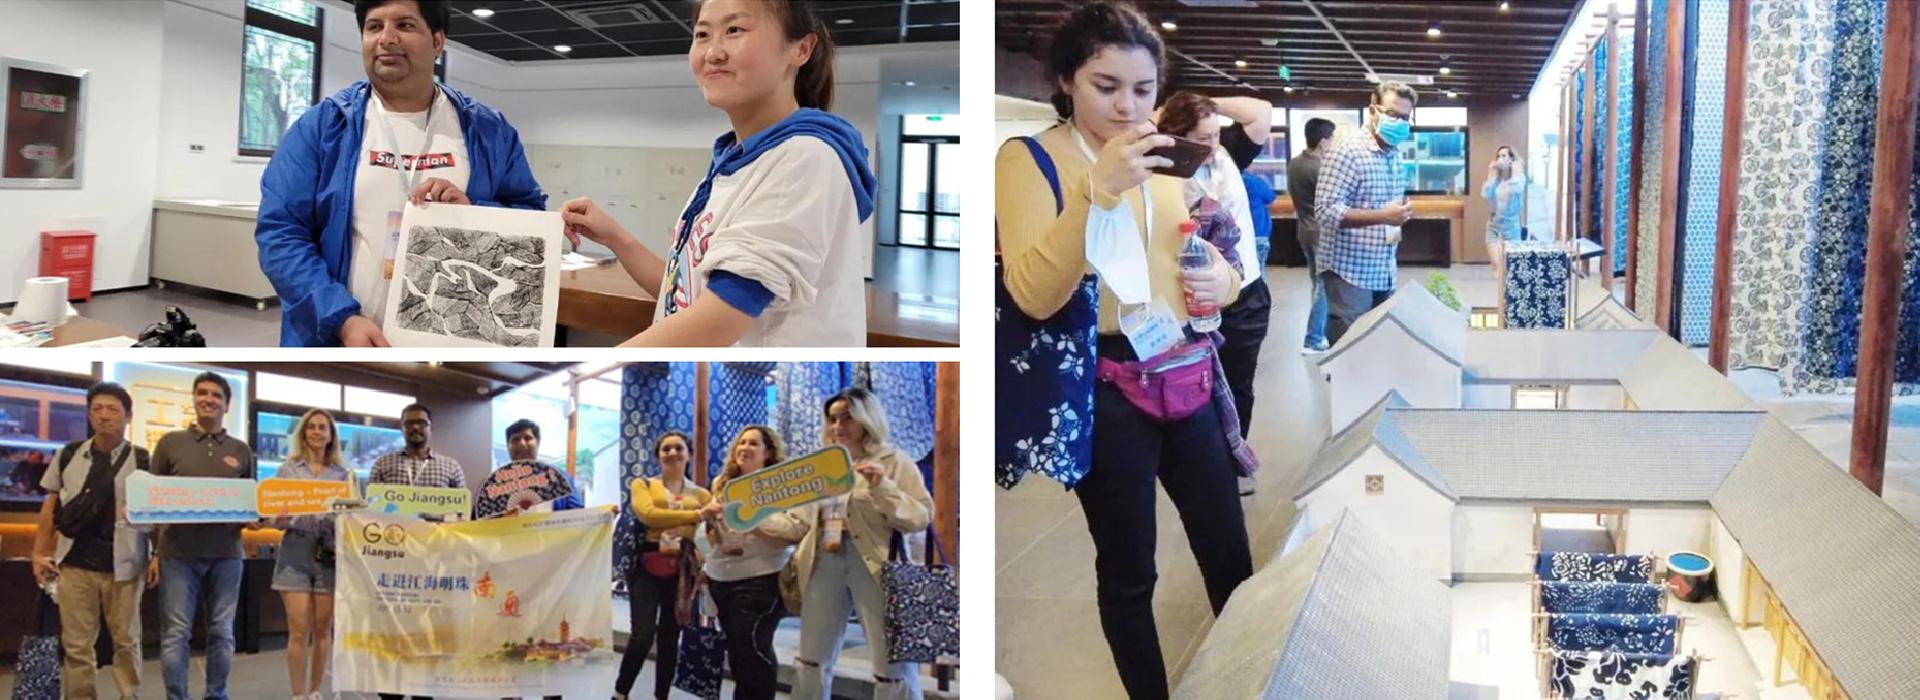 【Go Jiangsu】Expats experience traditional local culture in Qidong